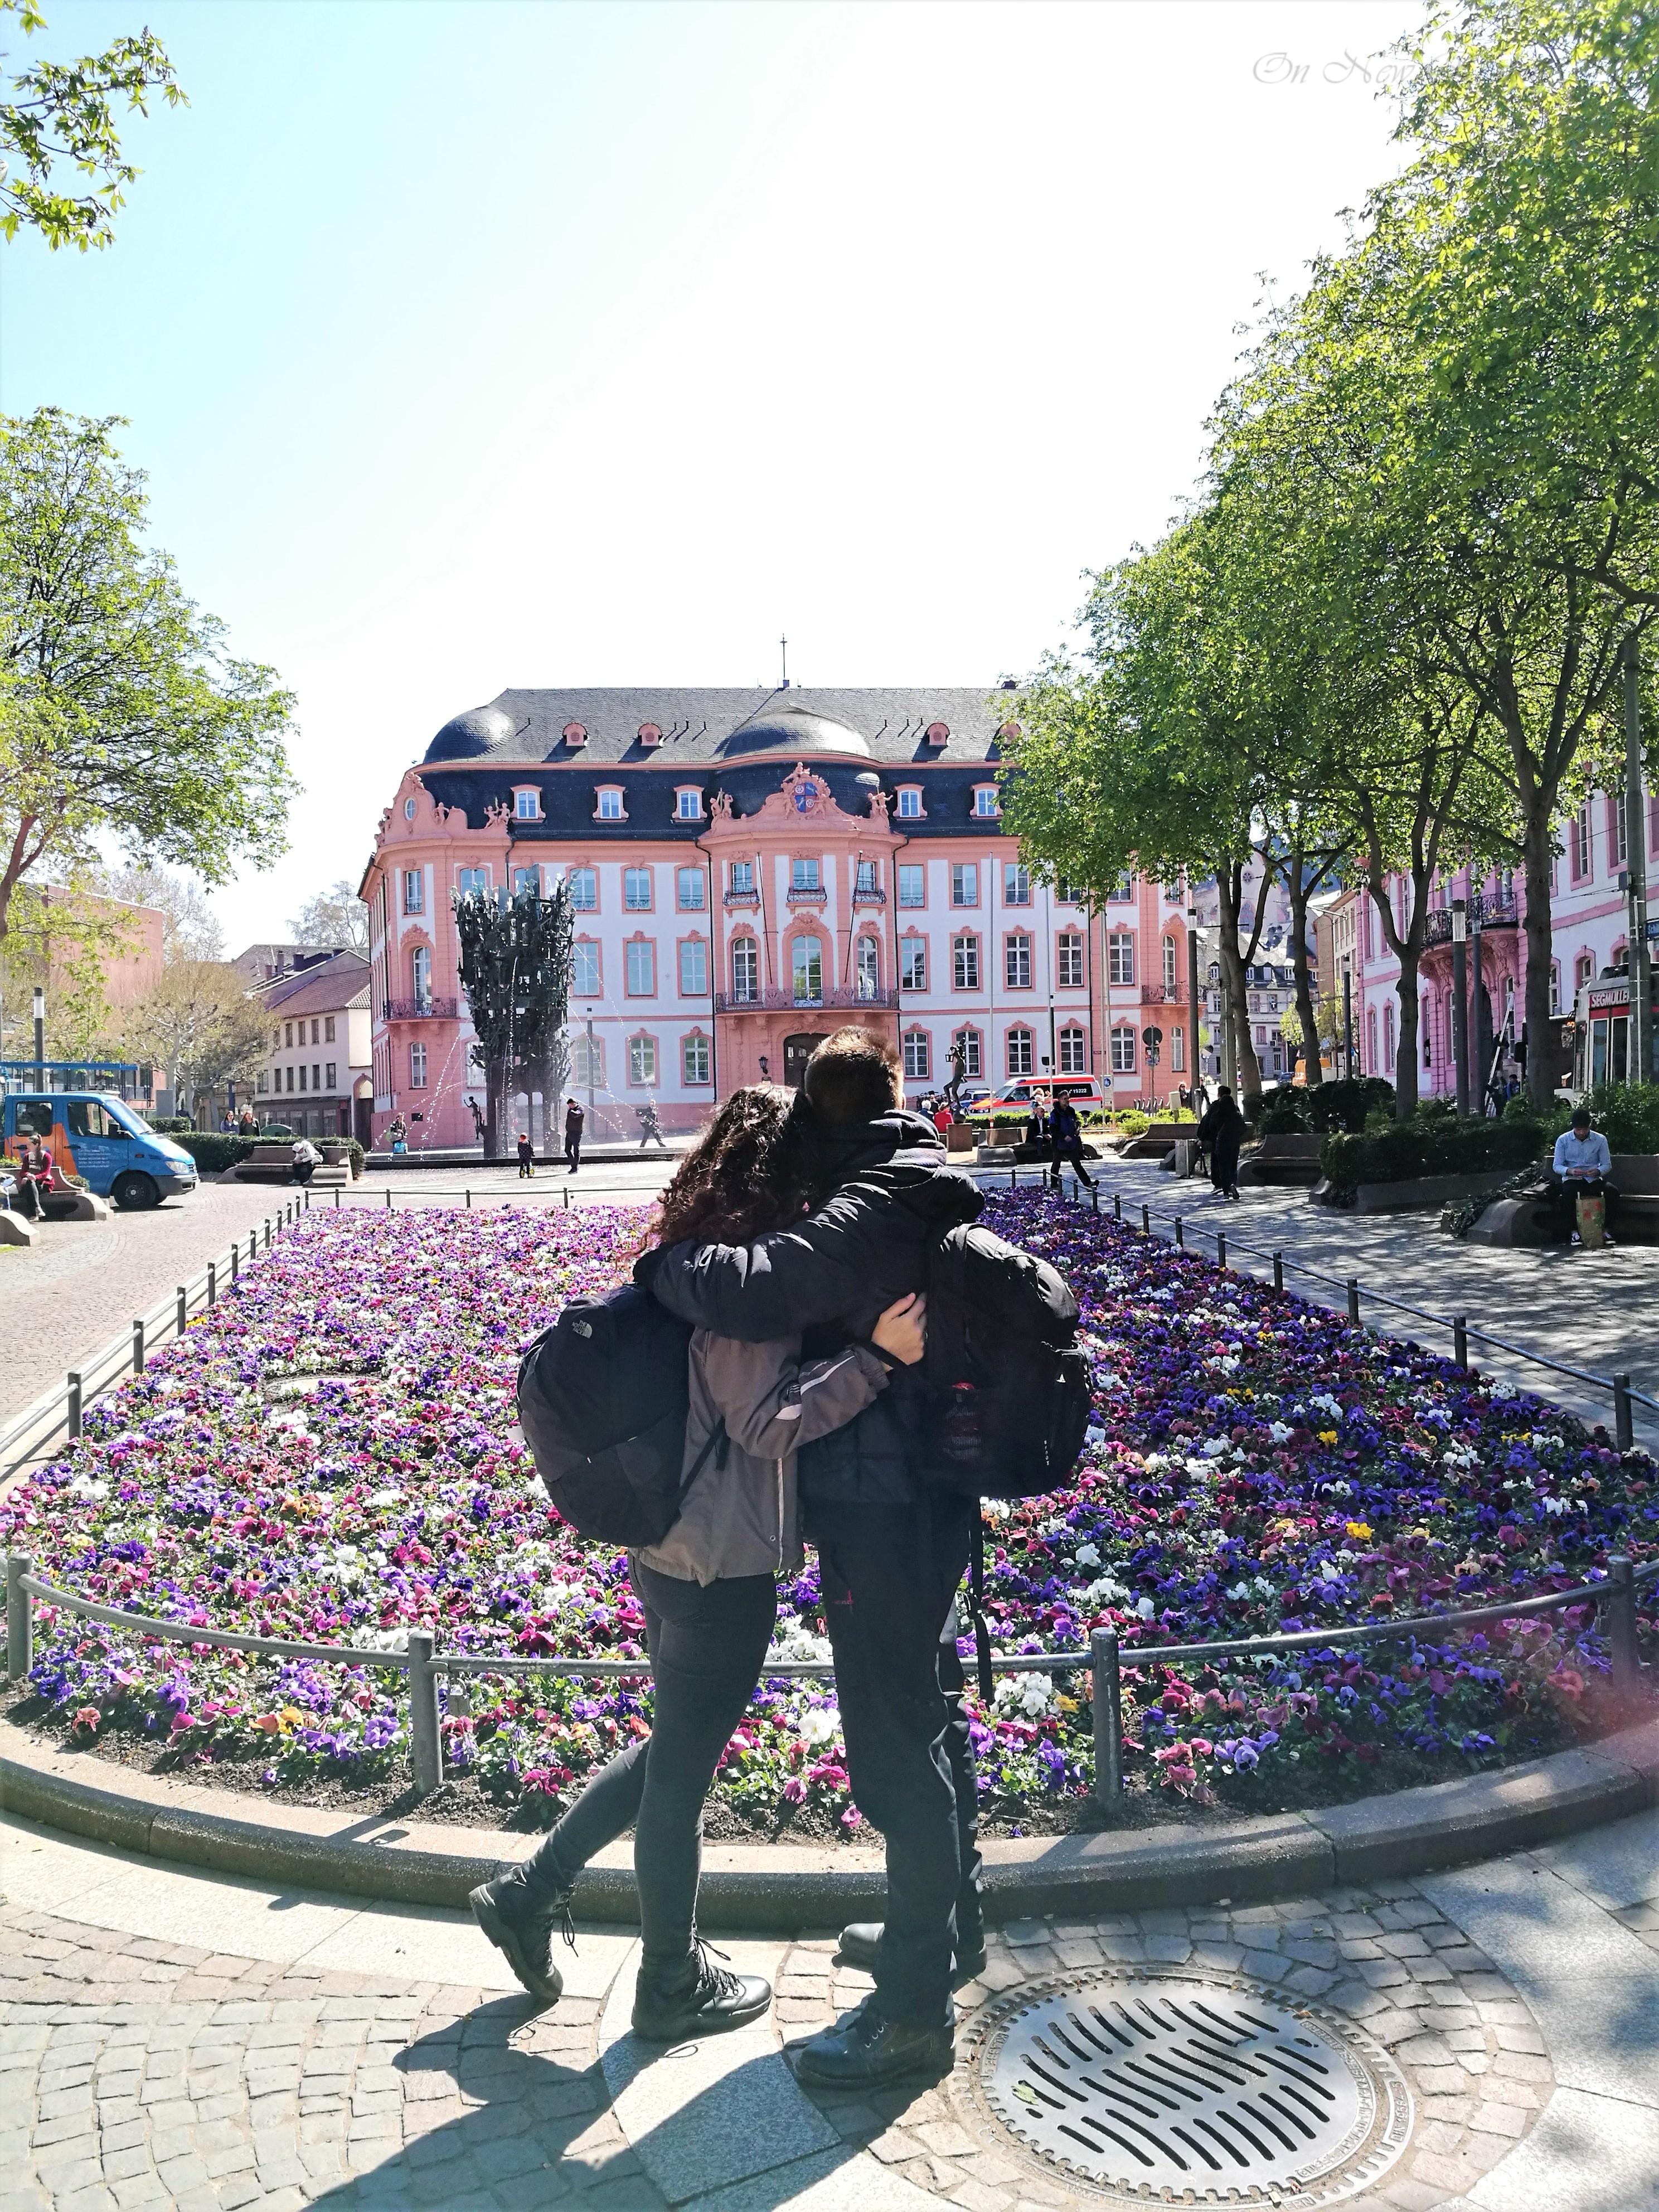 Schillerplatz-Mainz-Germany